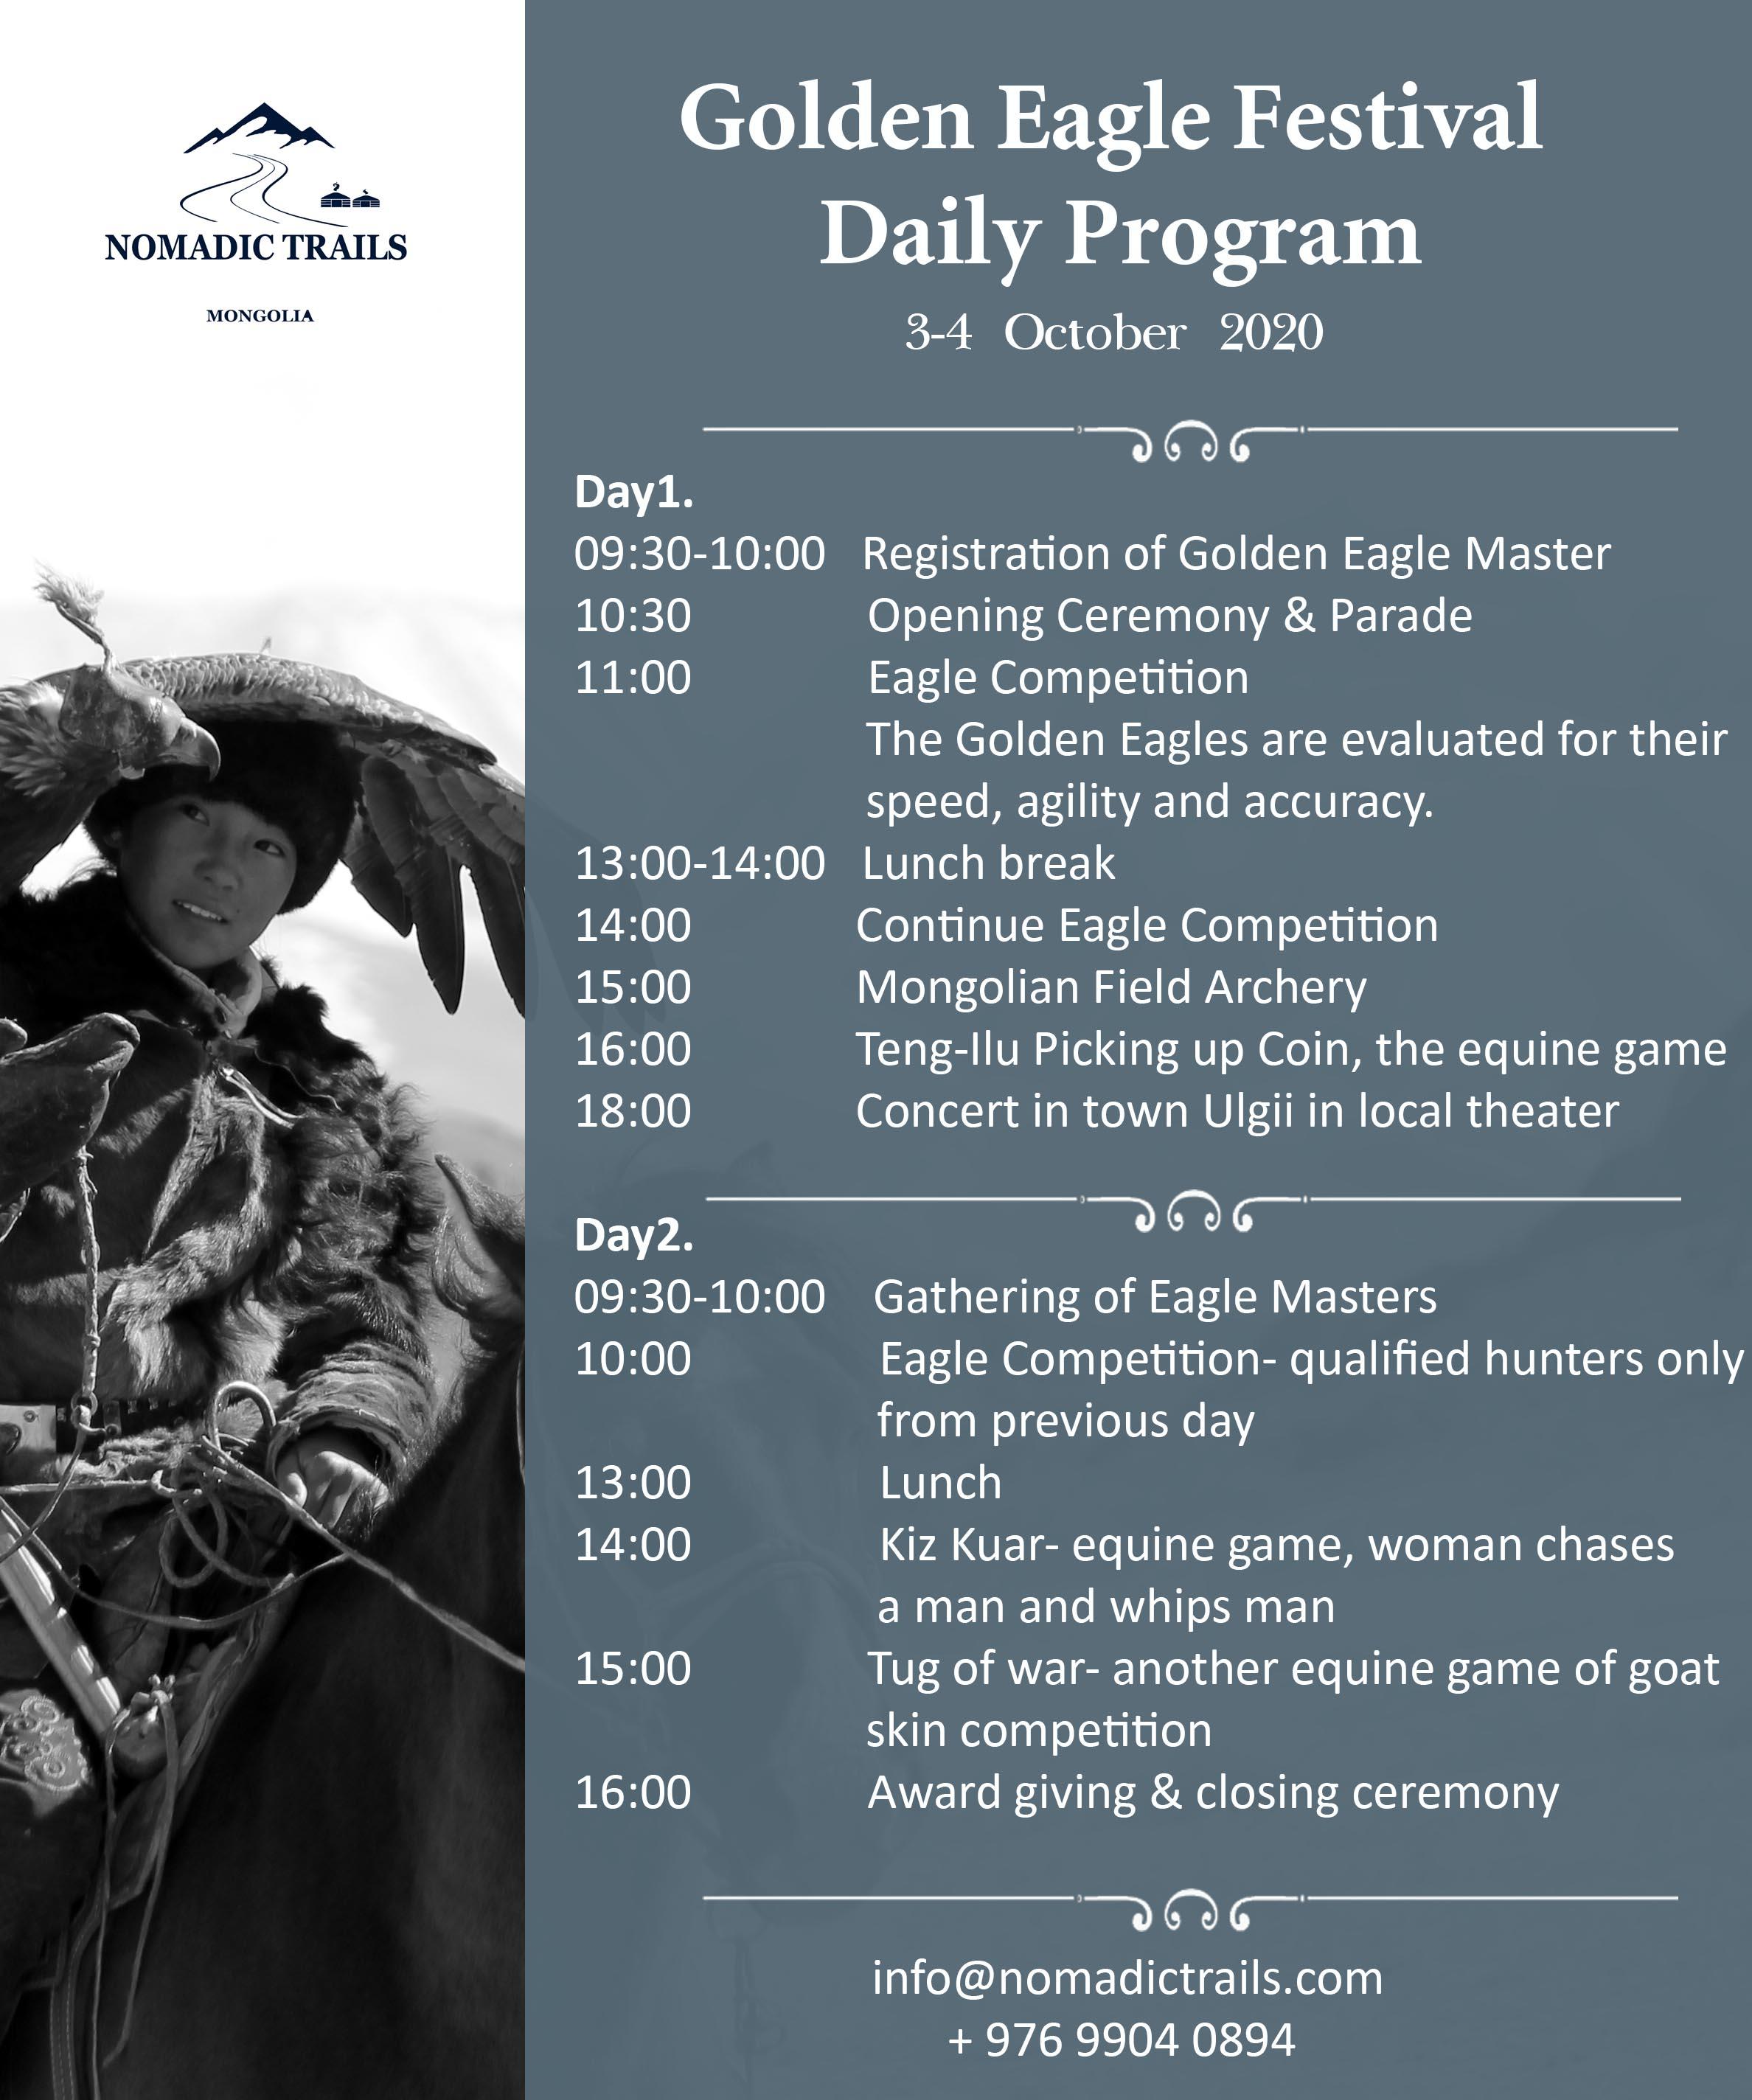 Golden Eagle Festival Daily Program